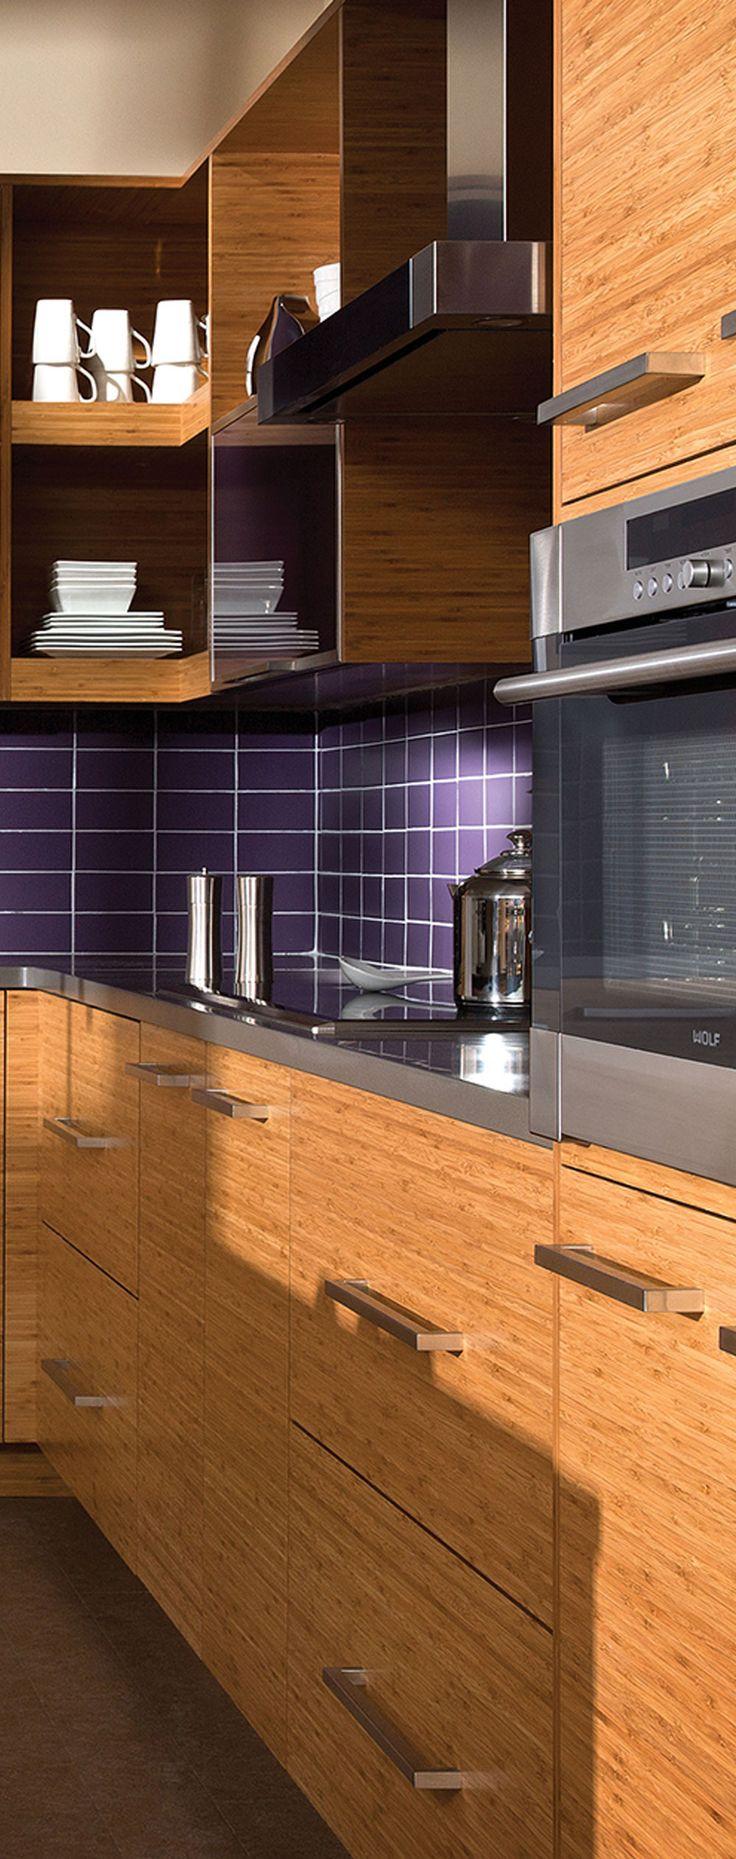 Best 20+ Purple kitchen tile ideas ideas on Pinterest | Purple ...